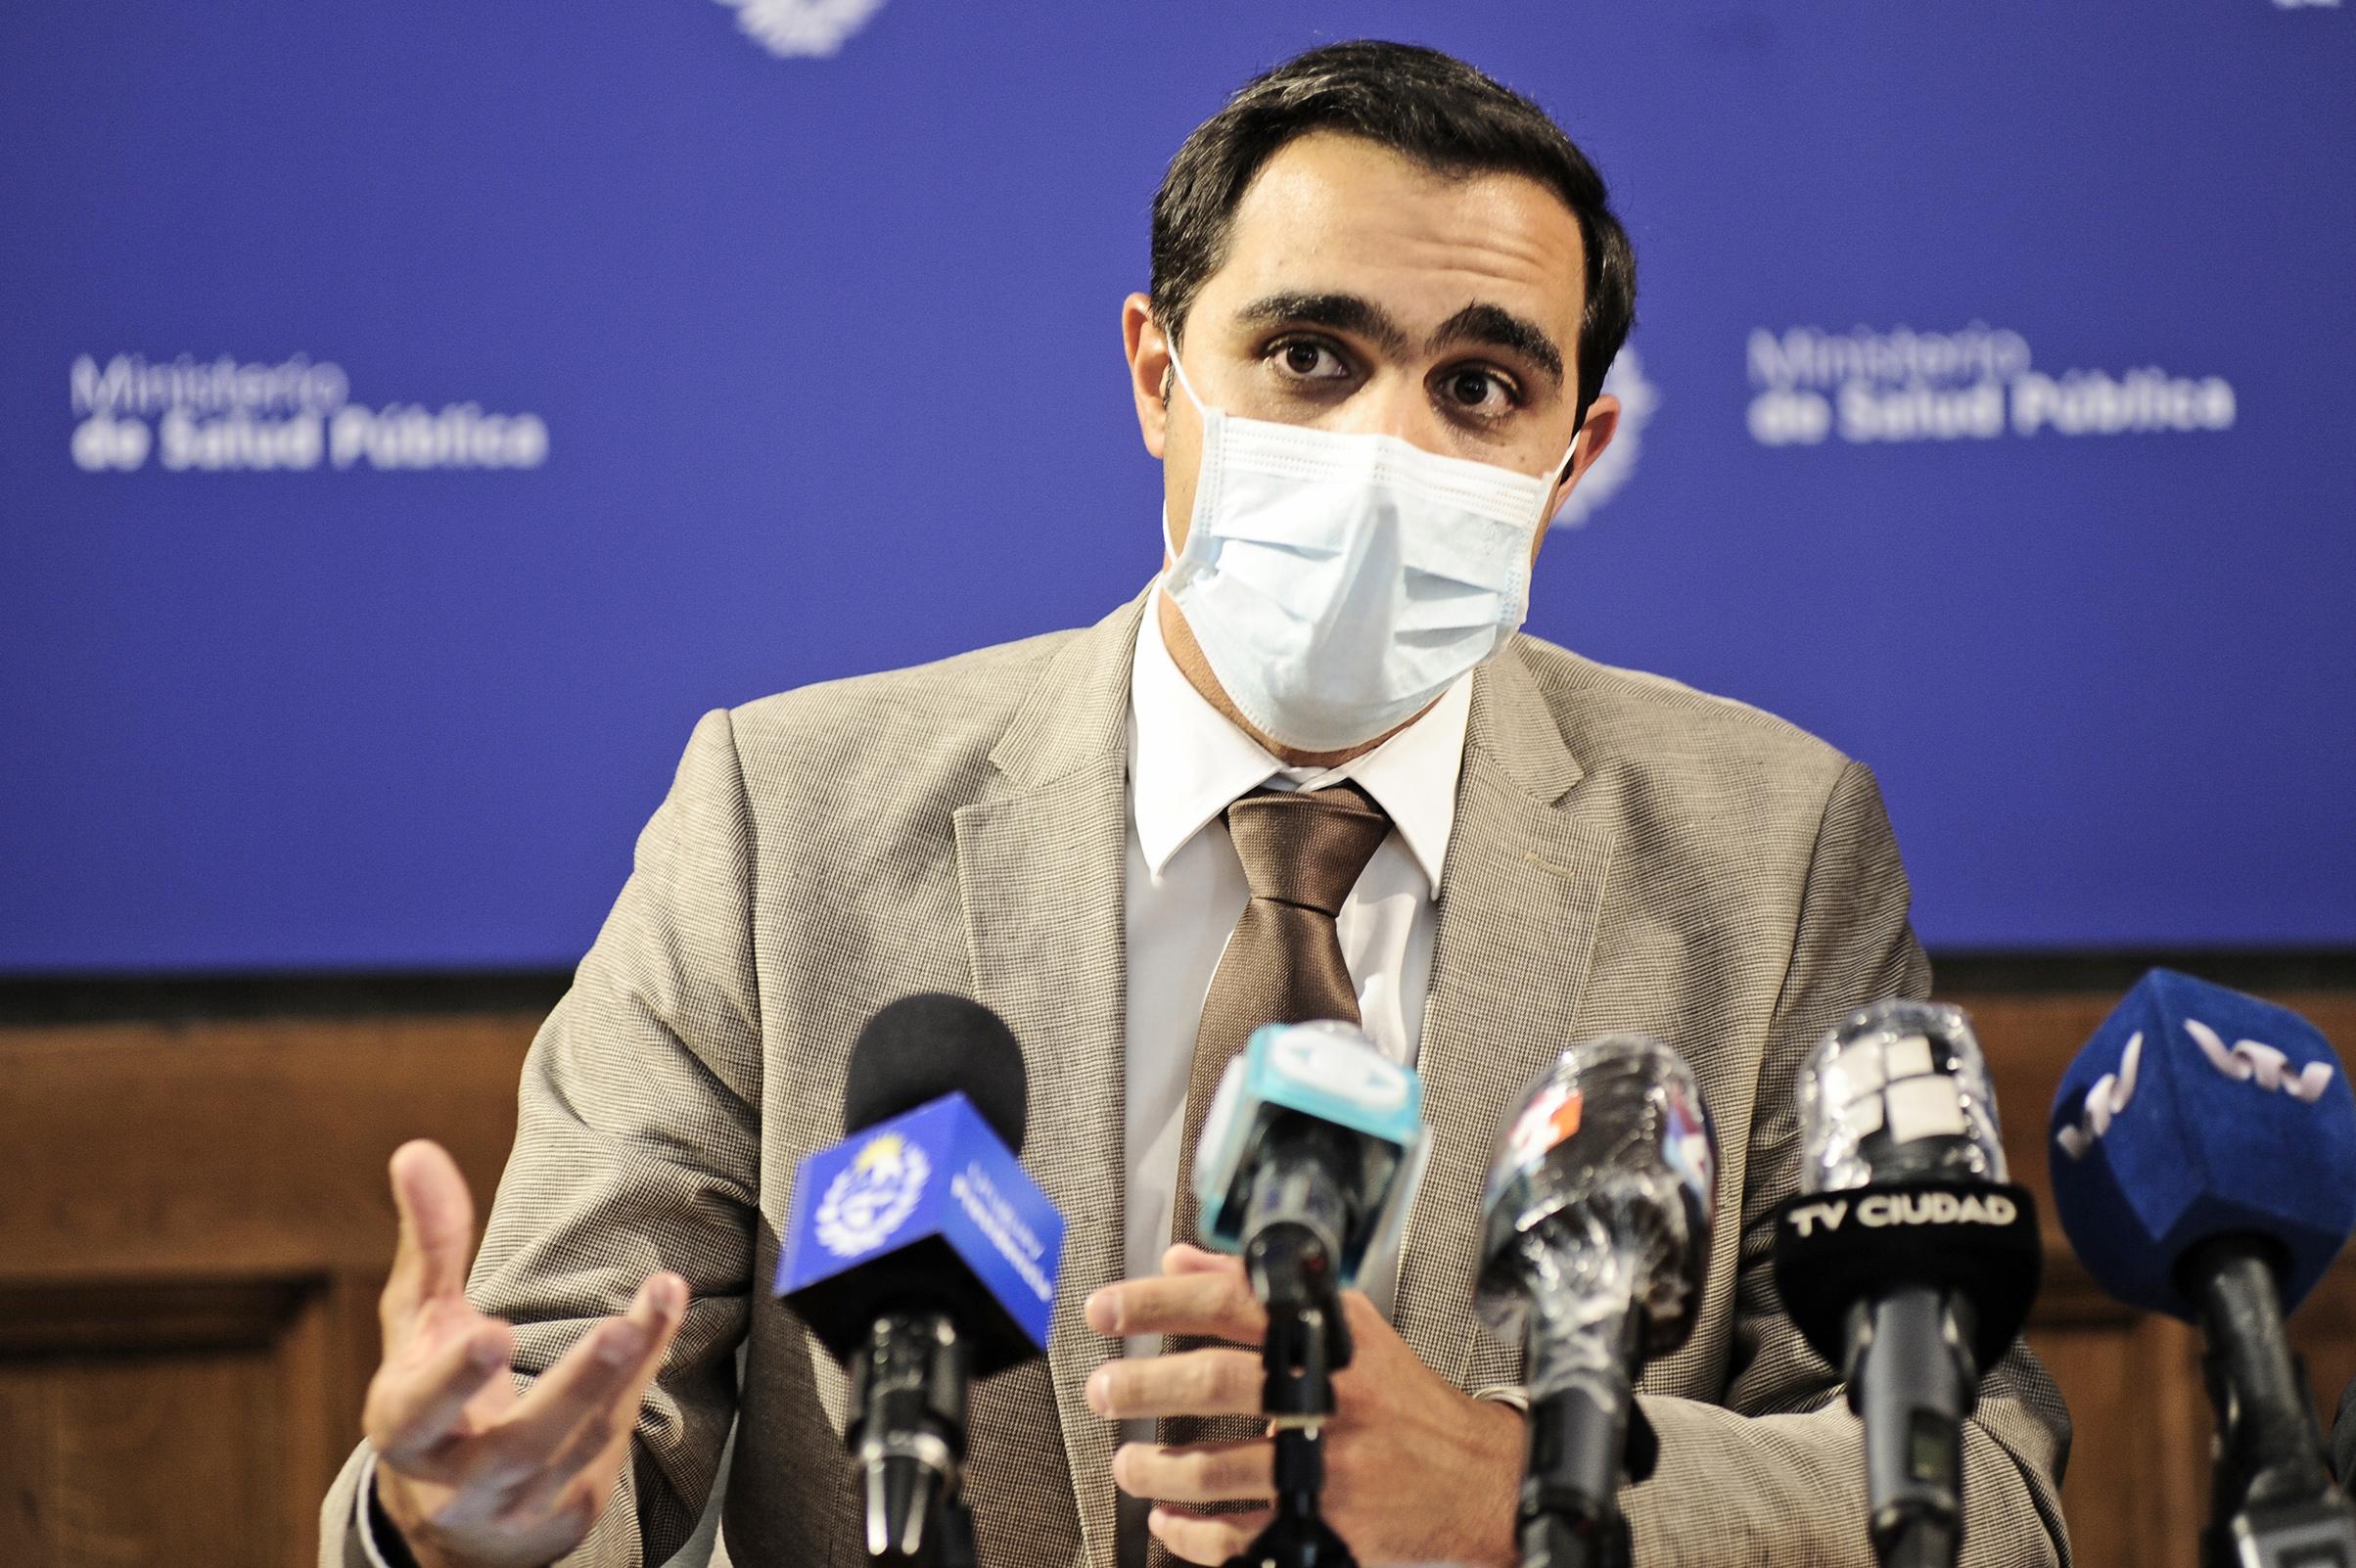 Subsecretario de Salud Publica, José Luis Satdjian